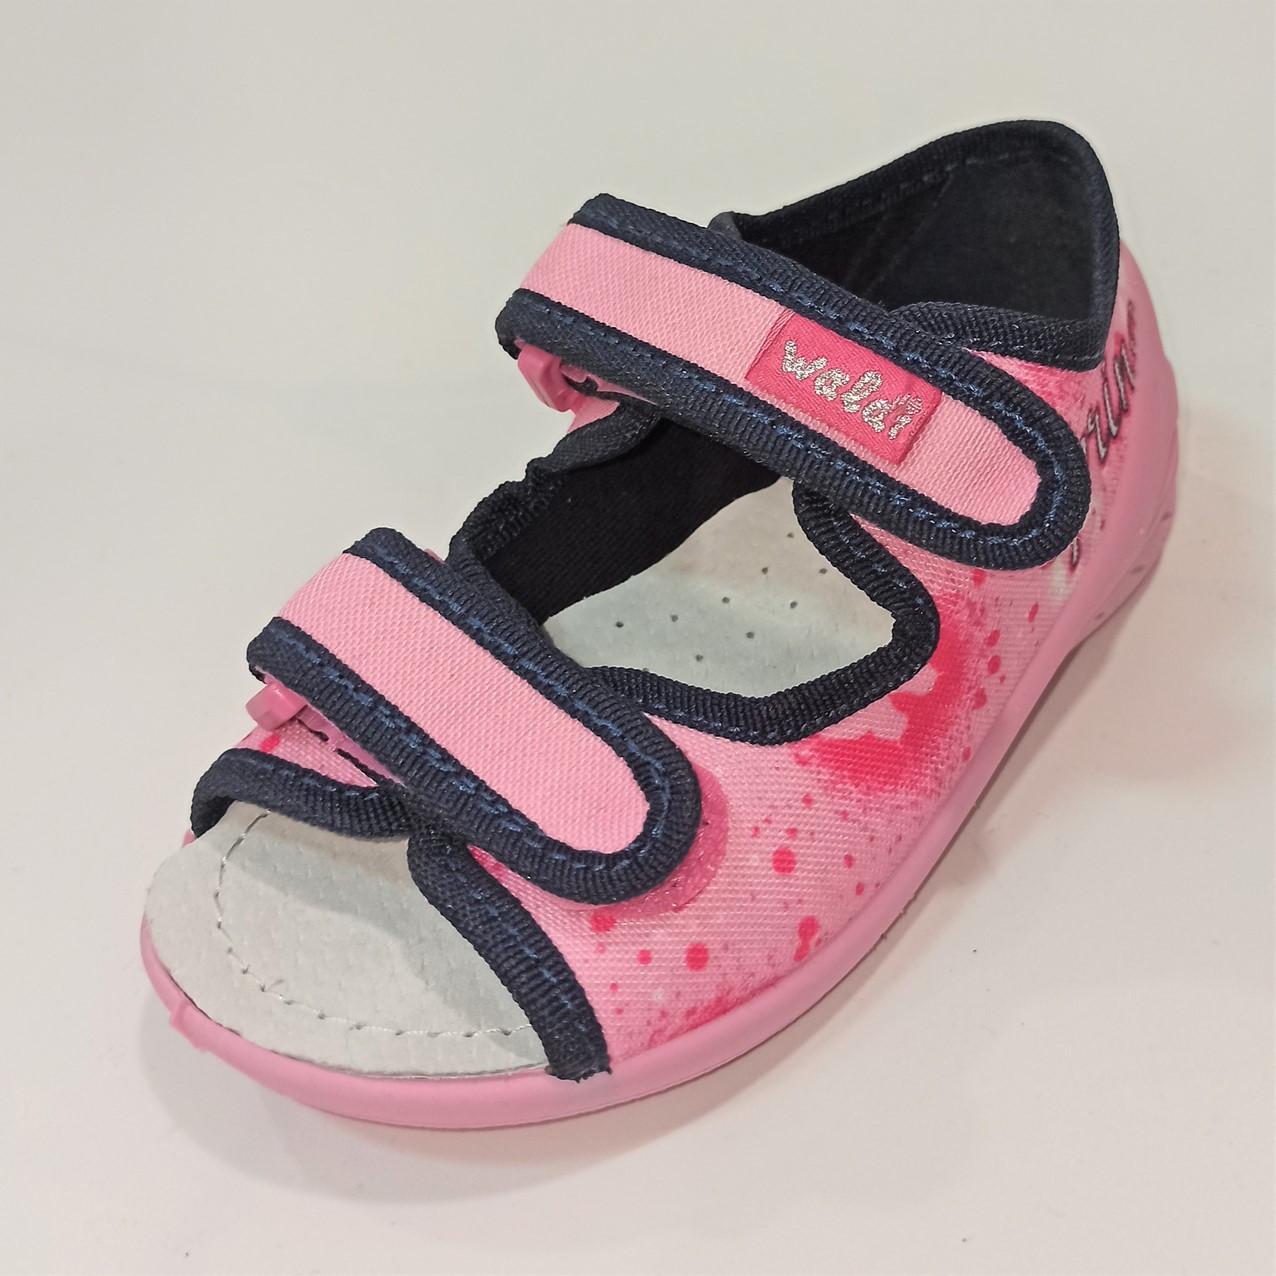 Розовые тапочки, Waldi (код 0988) размеры: 23-29